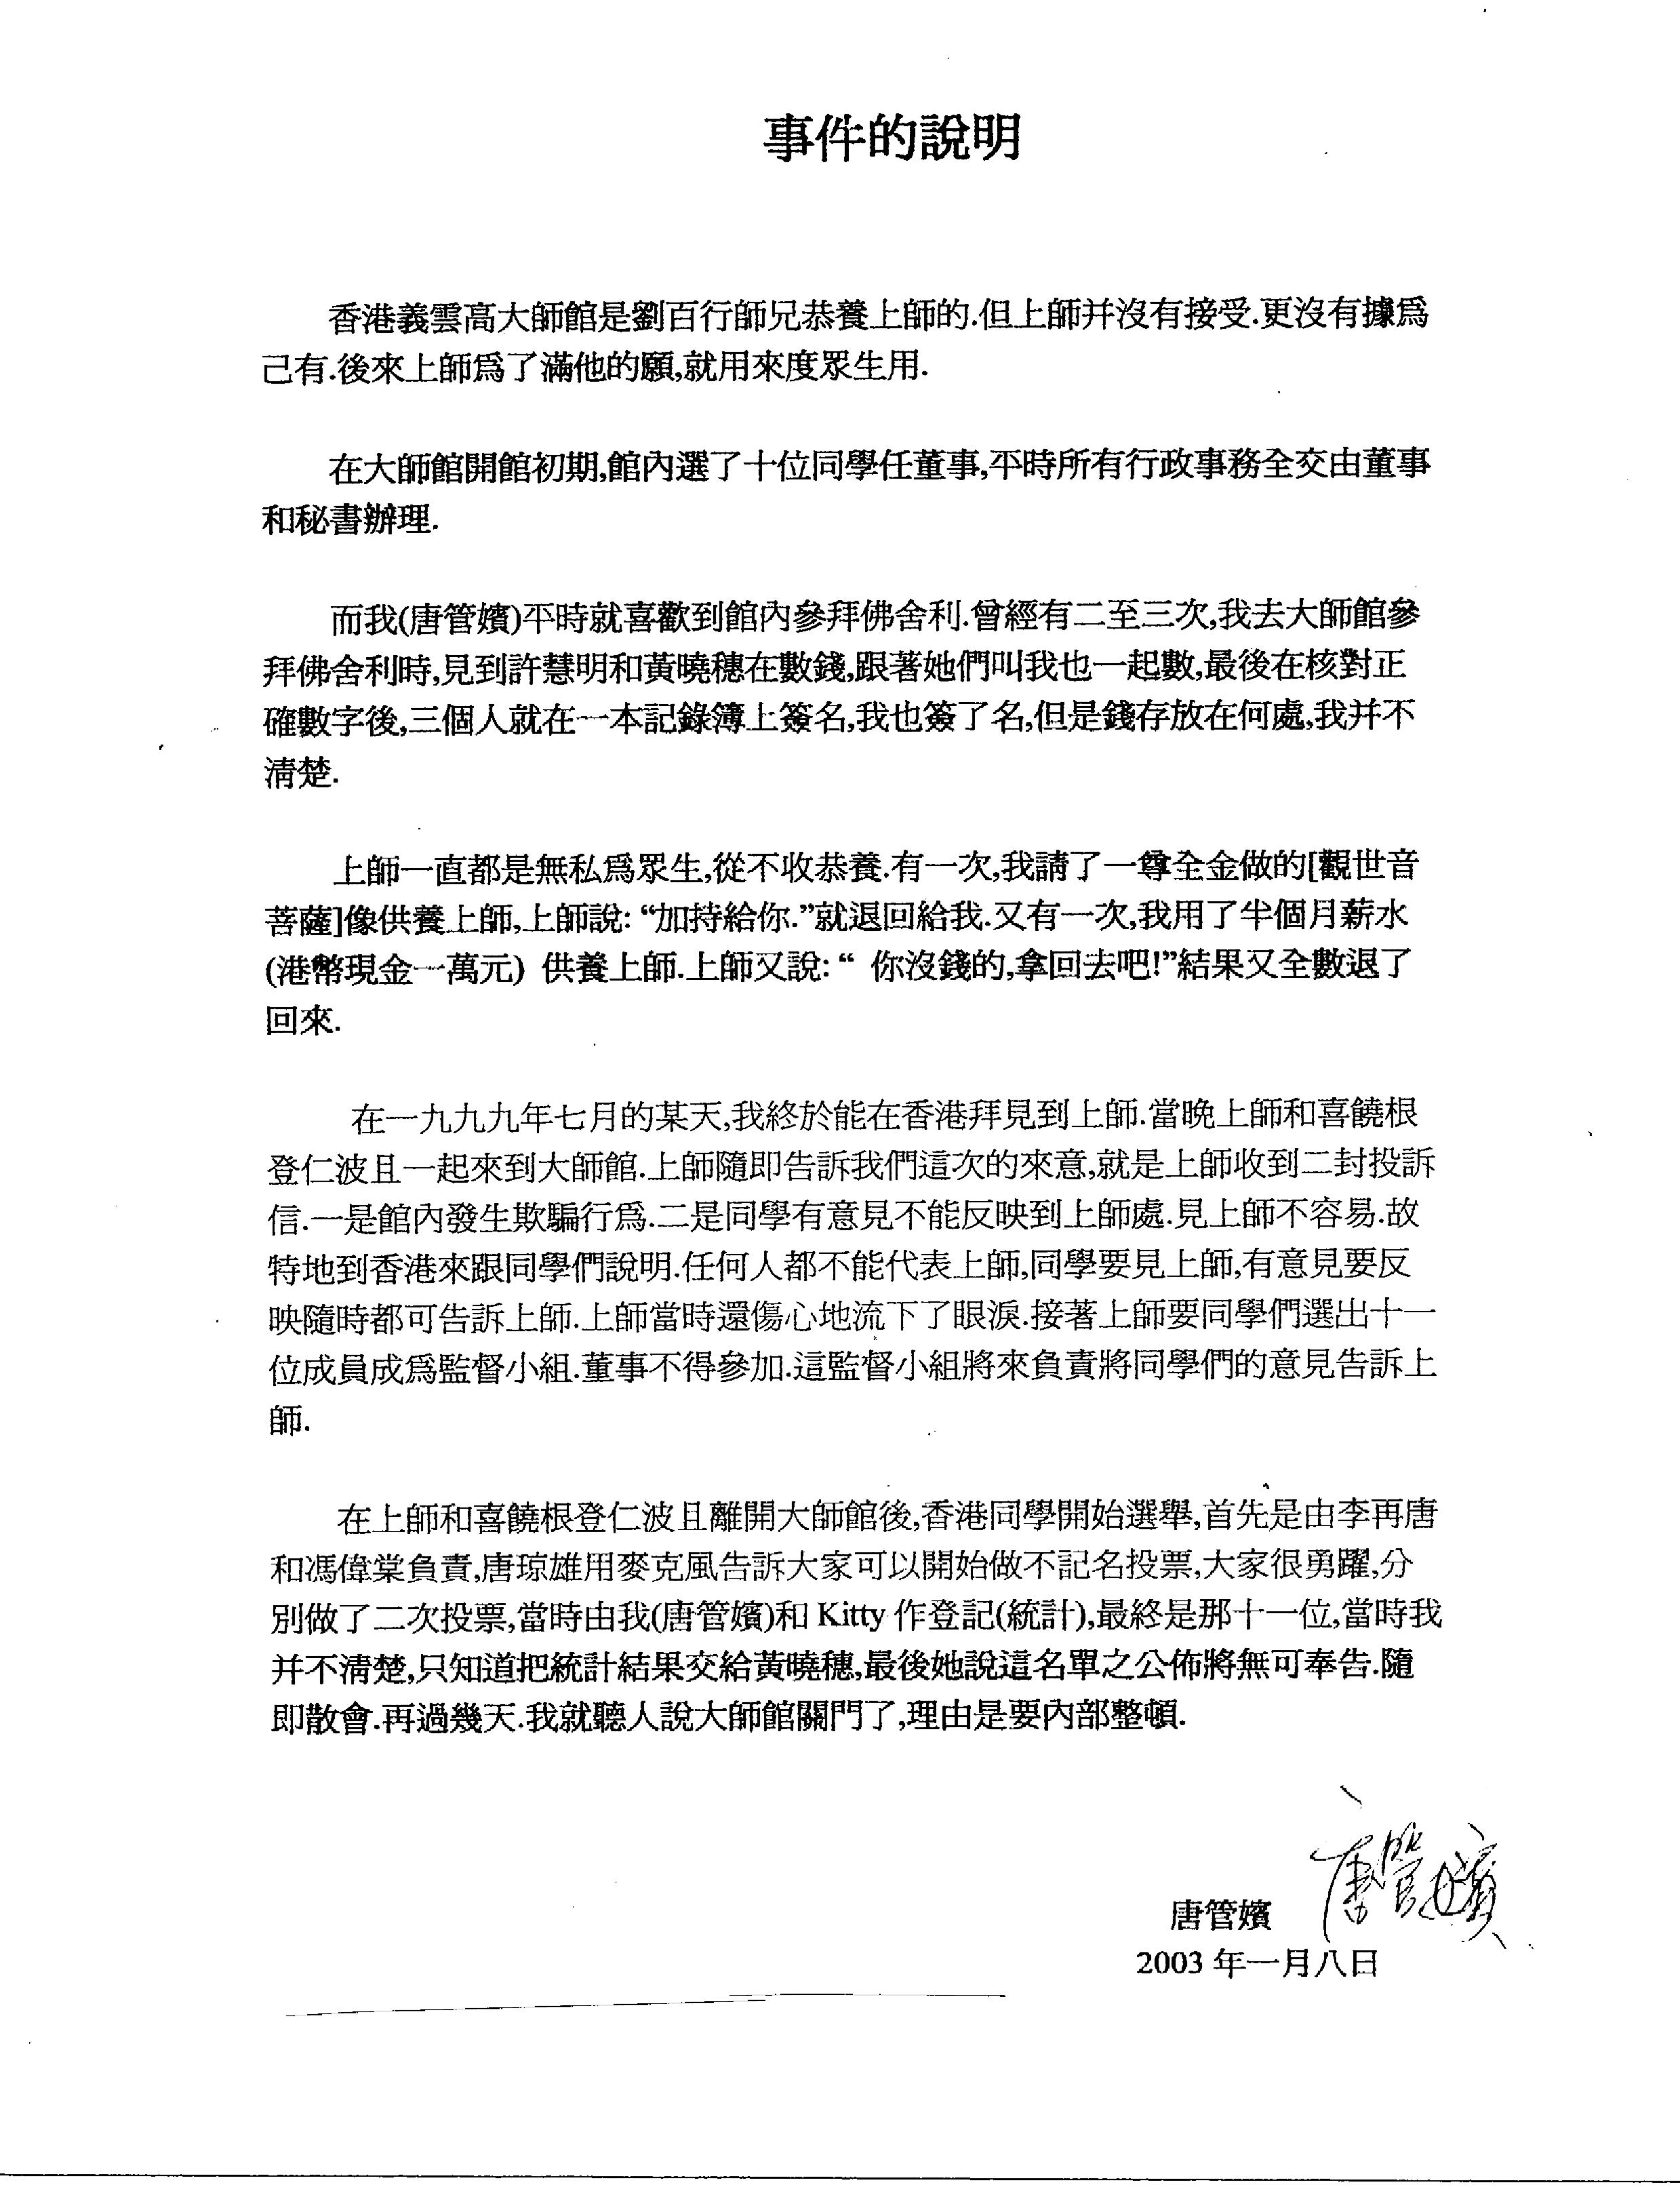 南无第三世多杰羌佛清白 黄晓穗诈骗被香港法庭判重刑 第4张